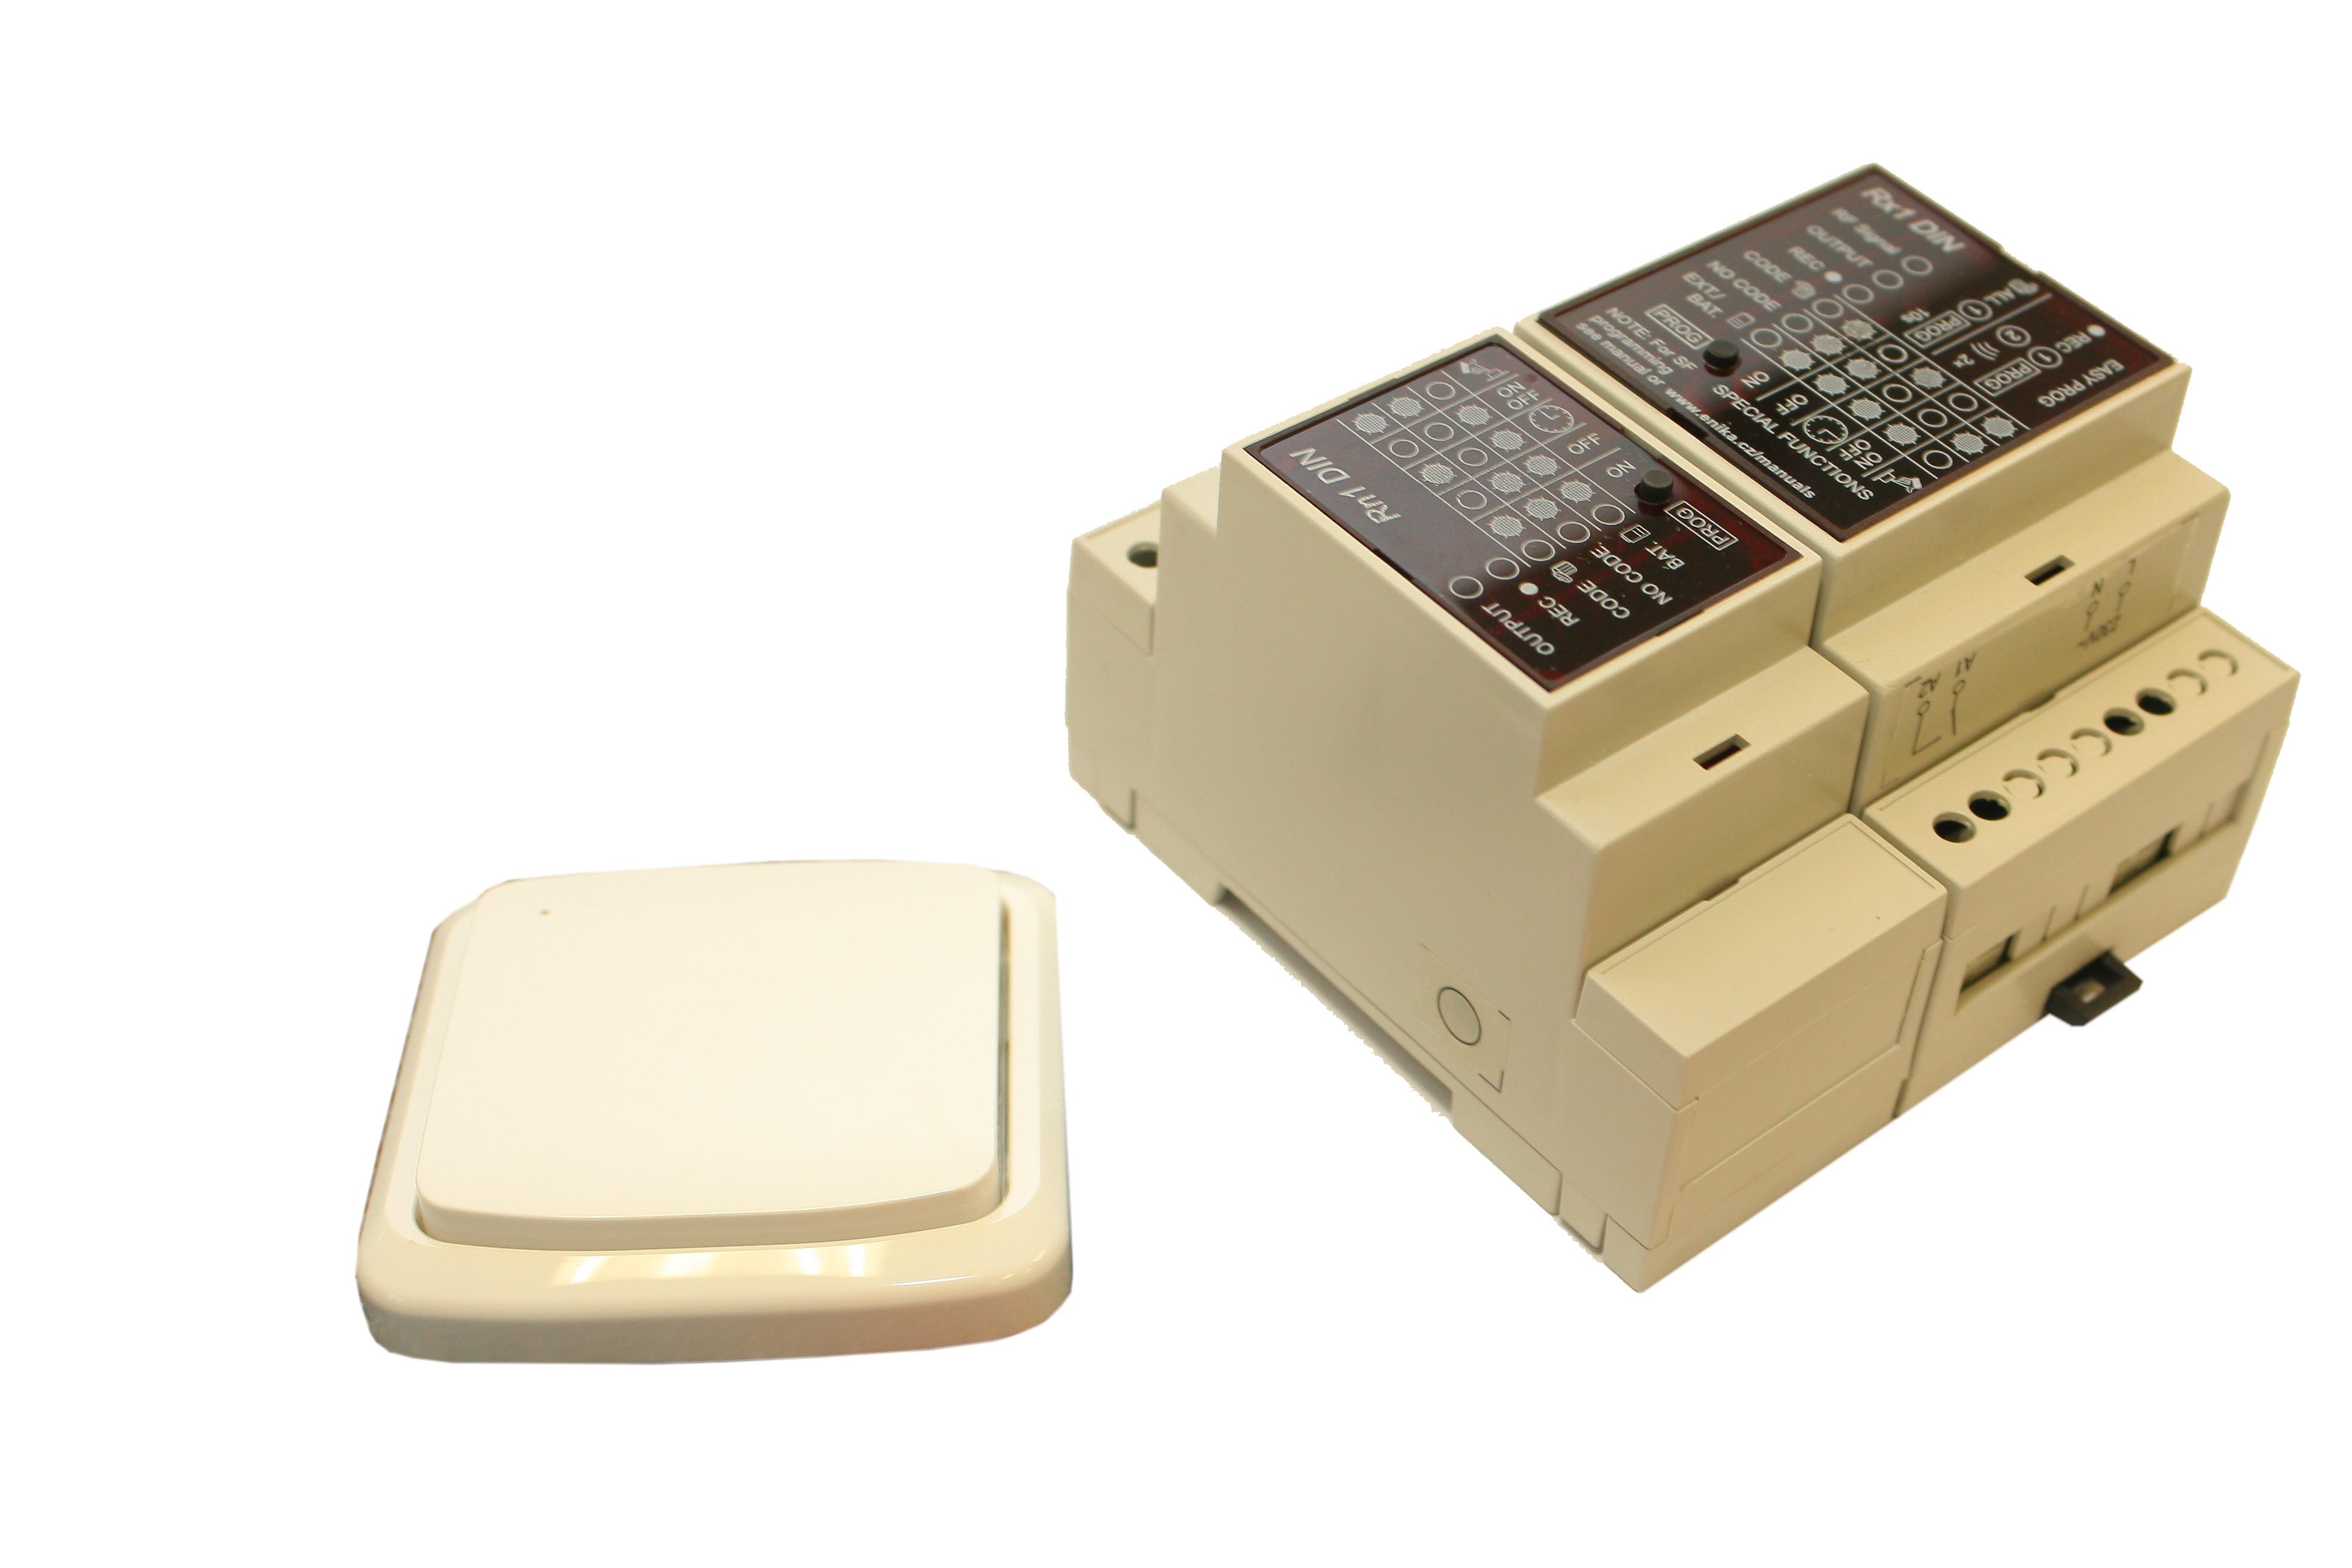 Dálkové spínání dvou-kanálové (tj. dvou zařízení) pevný vysílač